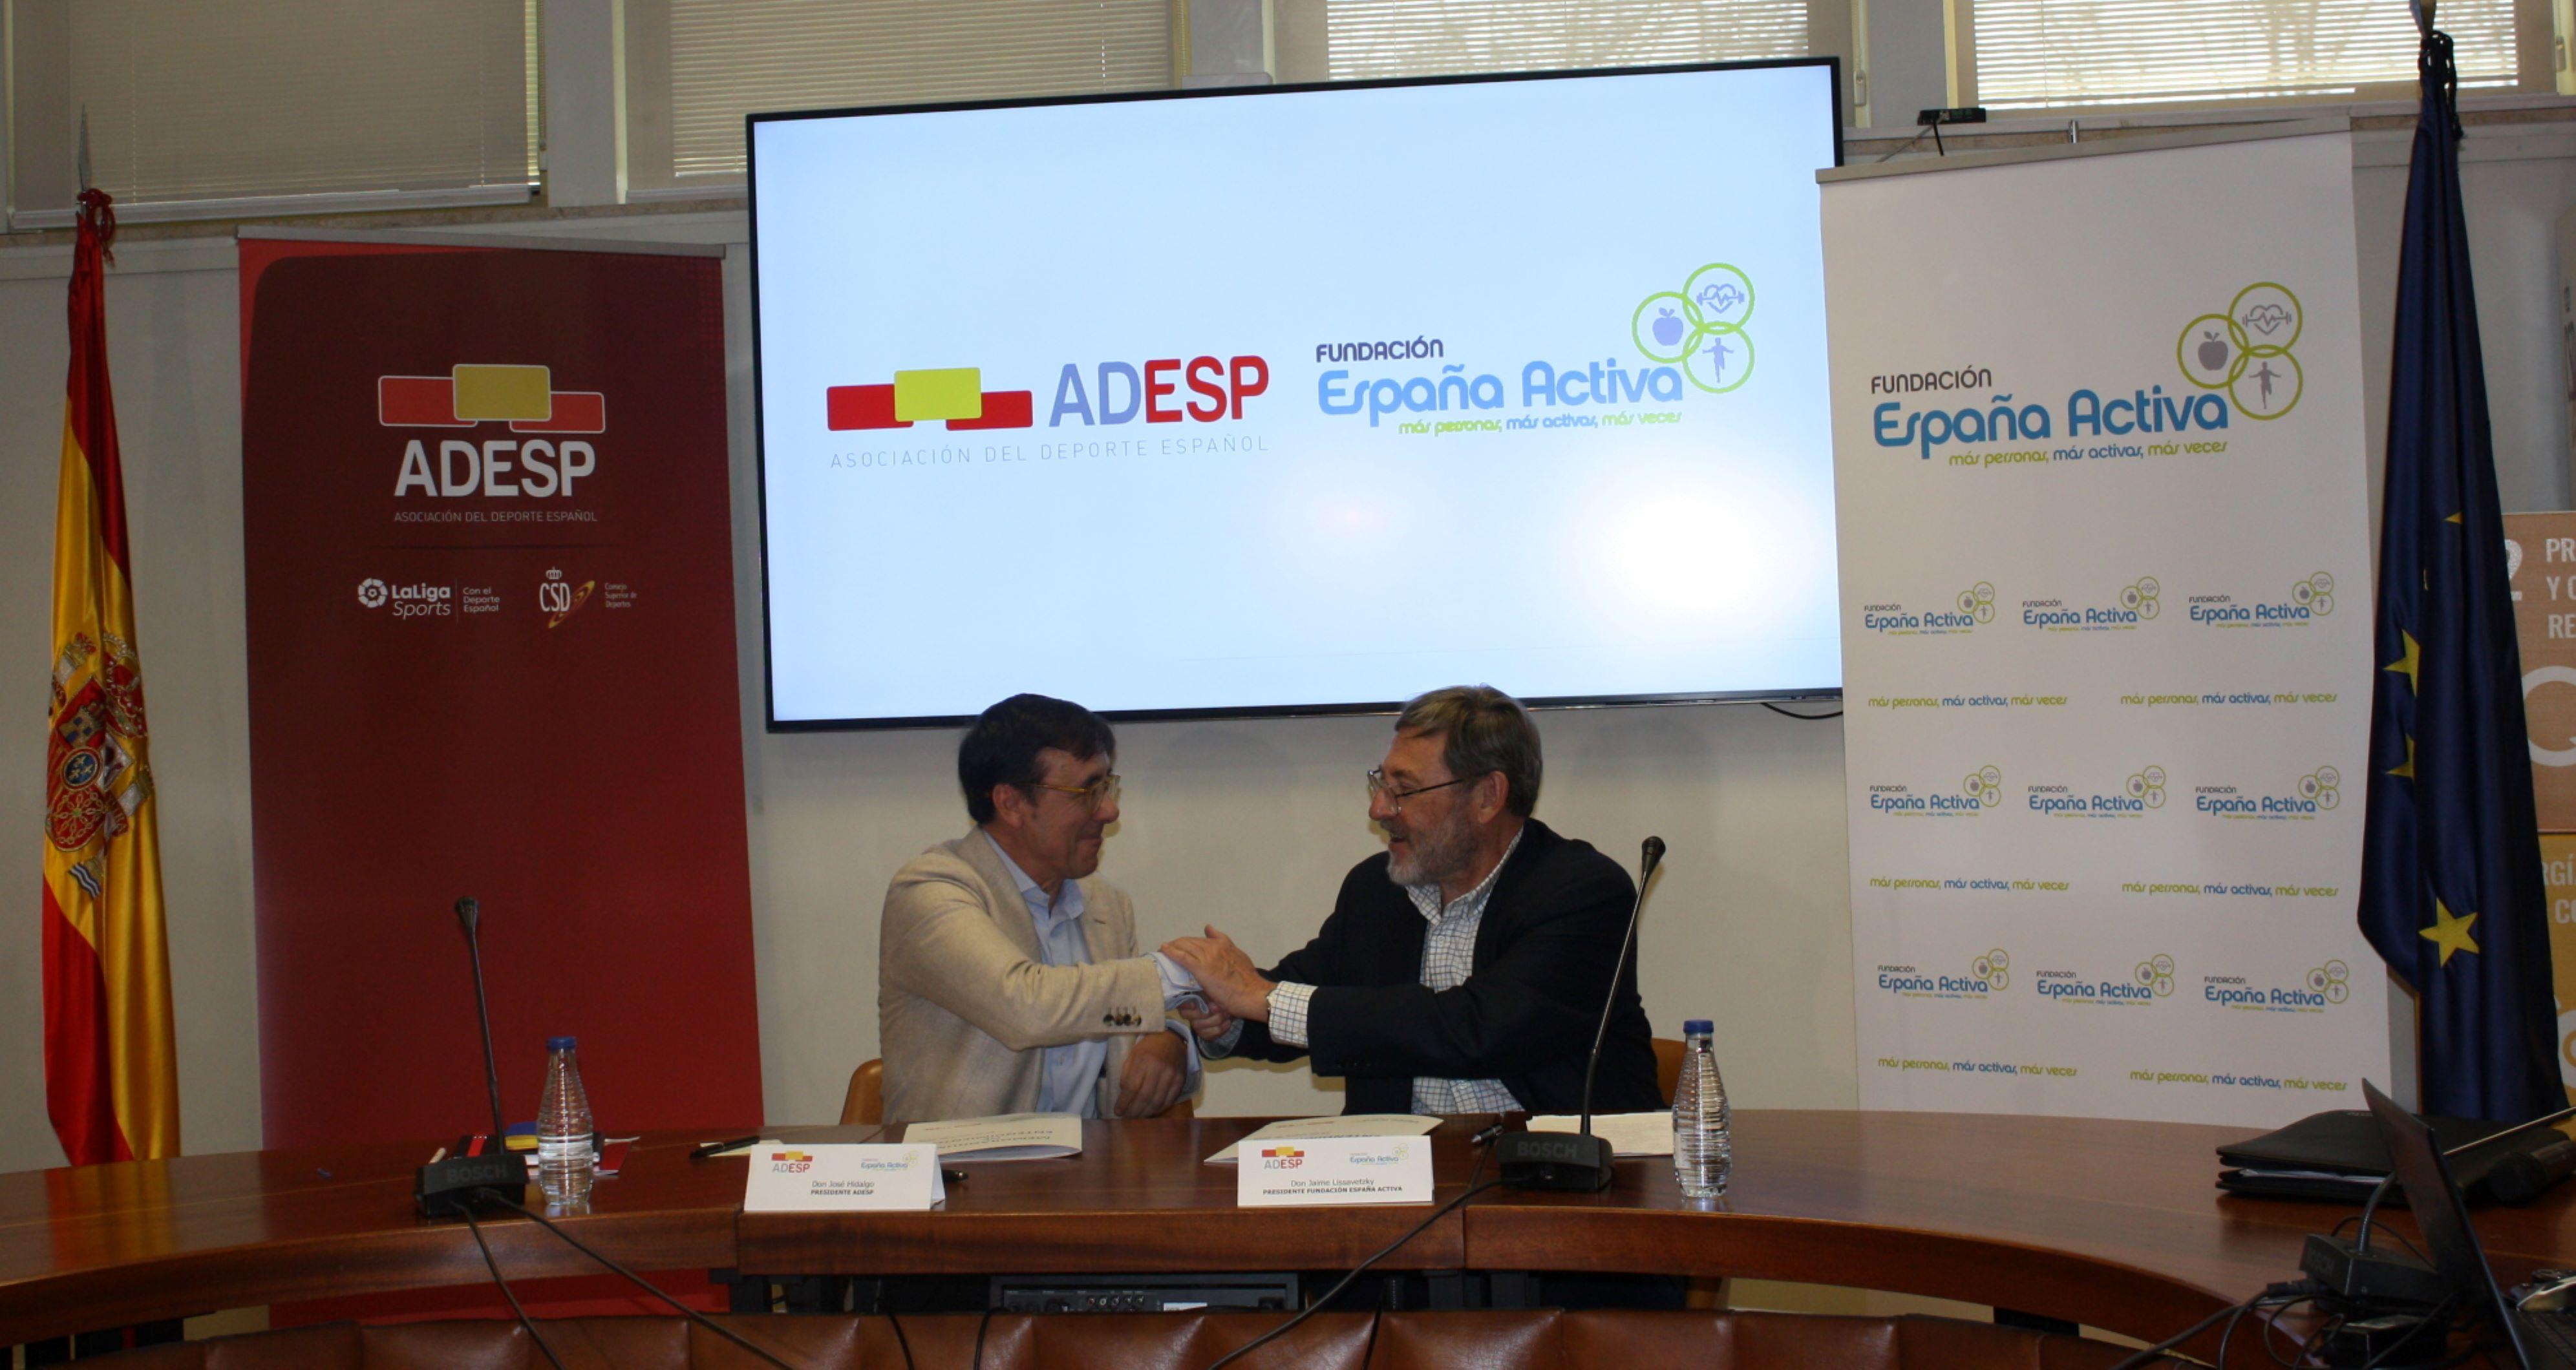 Firma acuerdo colaboración Fundación España Activa - ADESP